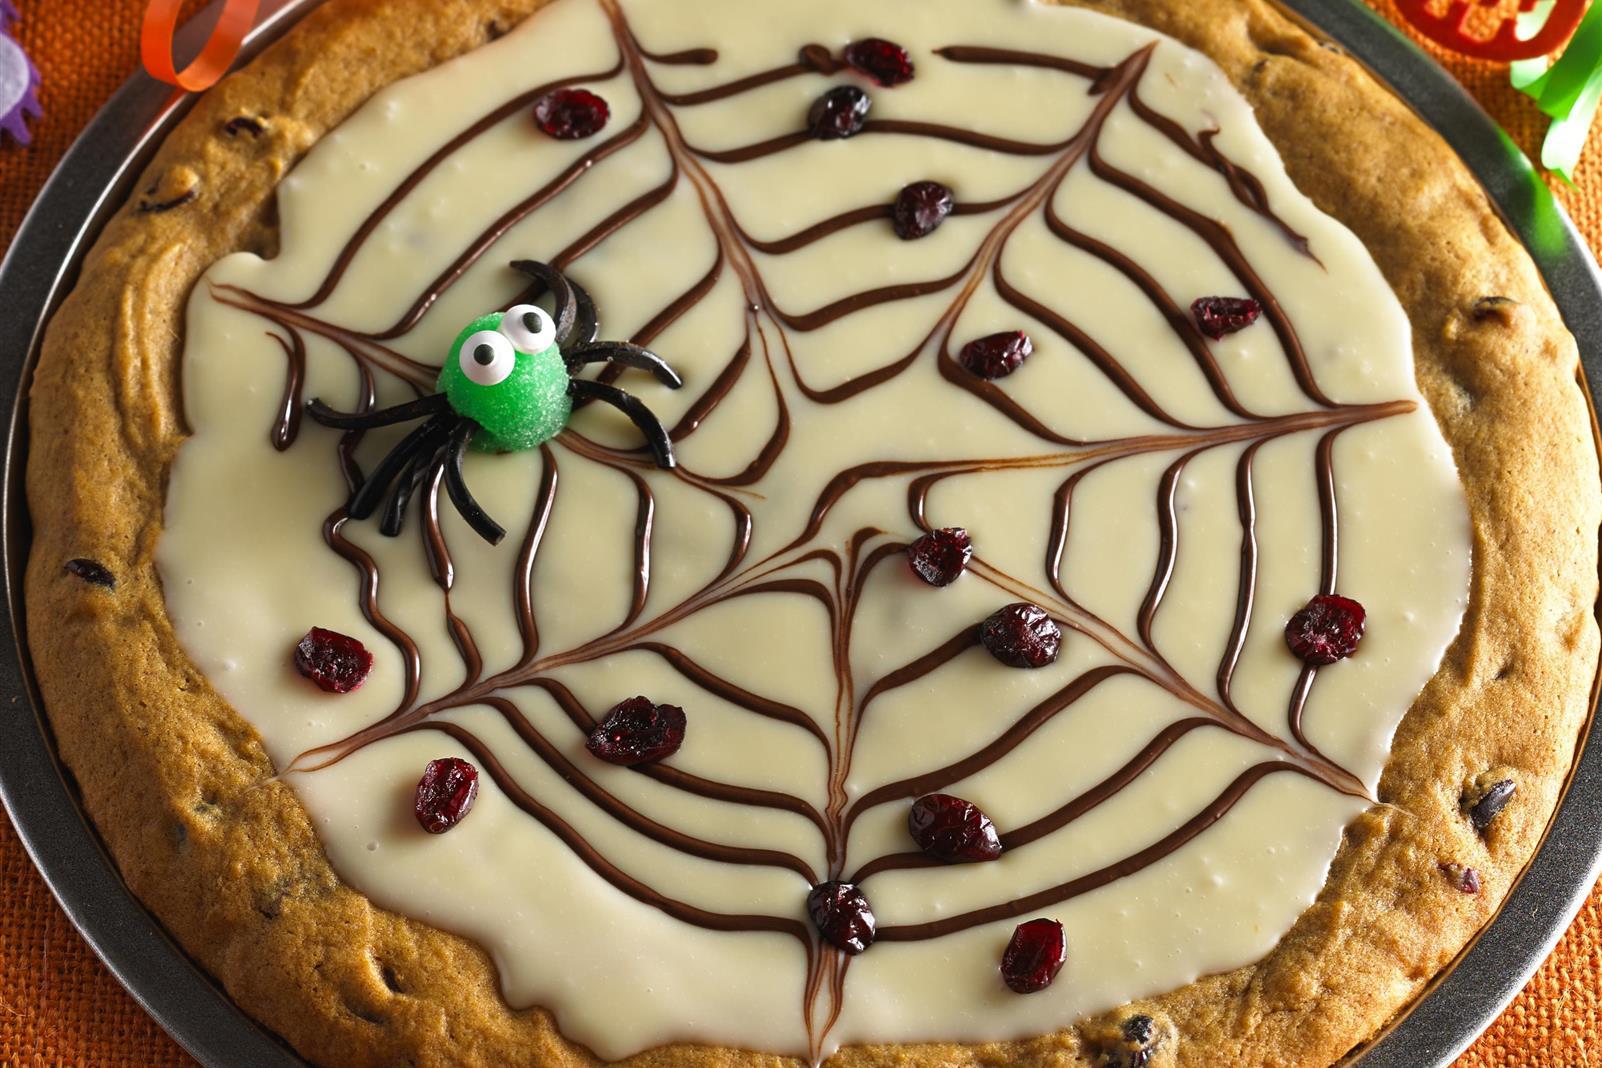 Spider Web Dessert Pizza